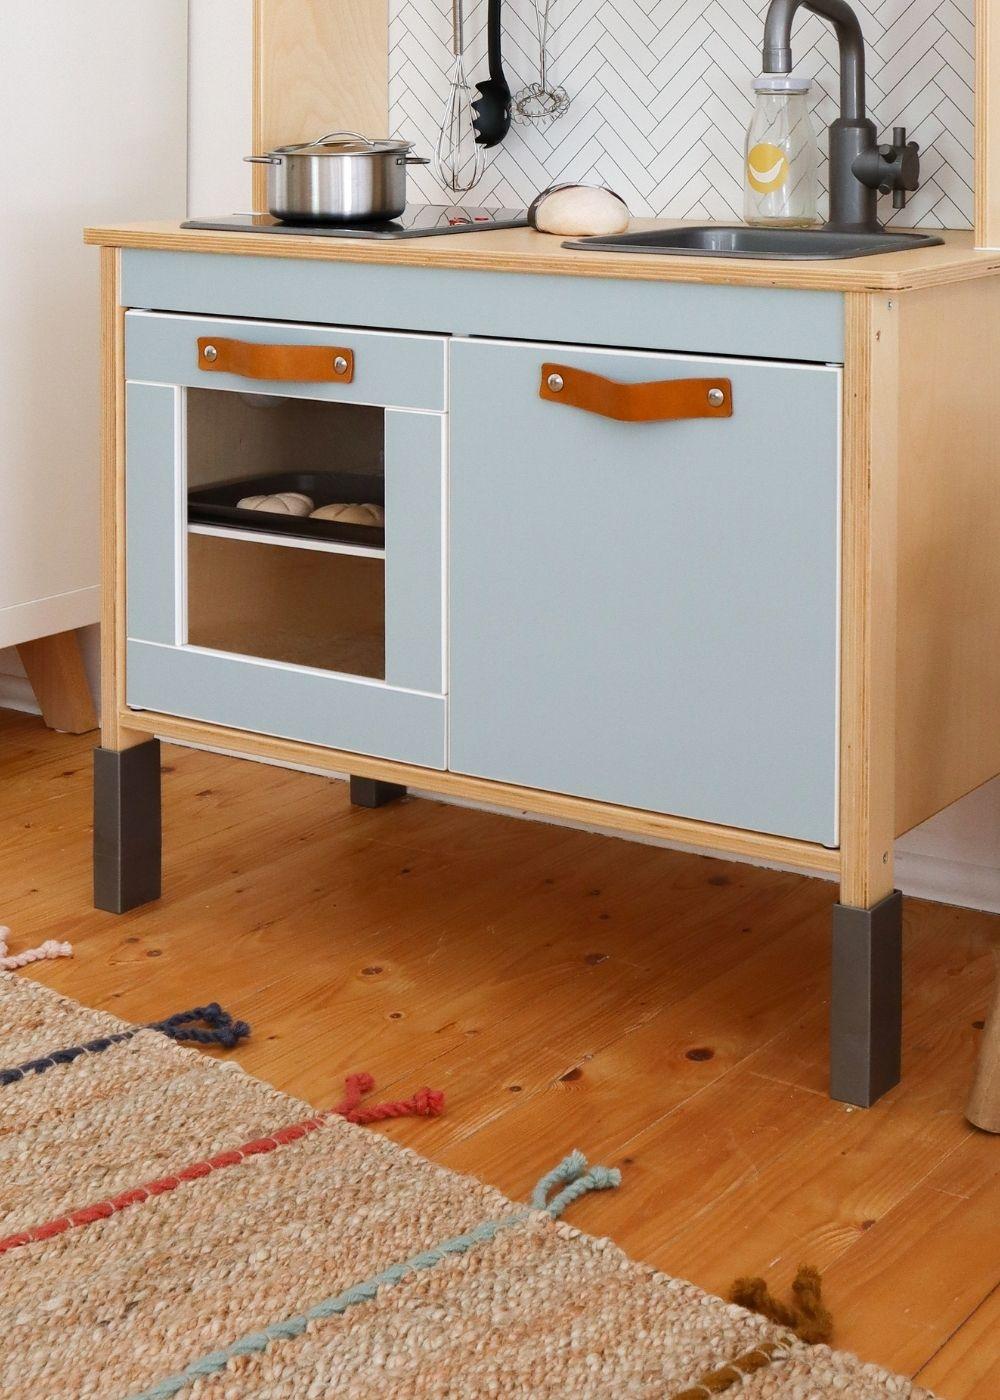 Frontli Kinderküche Klebefolie nordisch blau fertige Küche